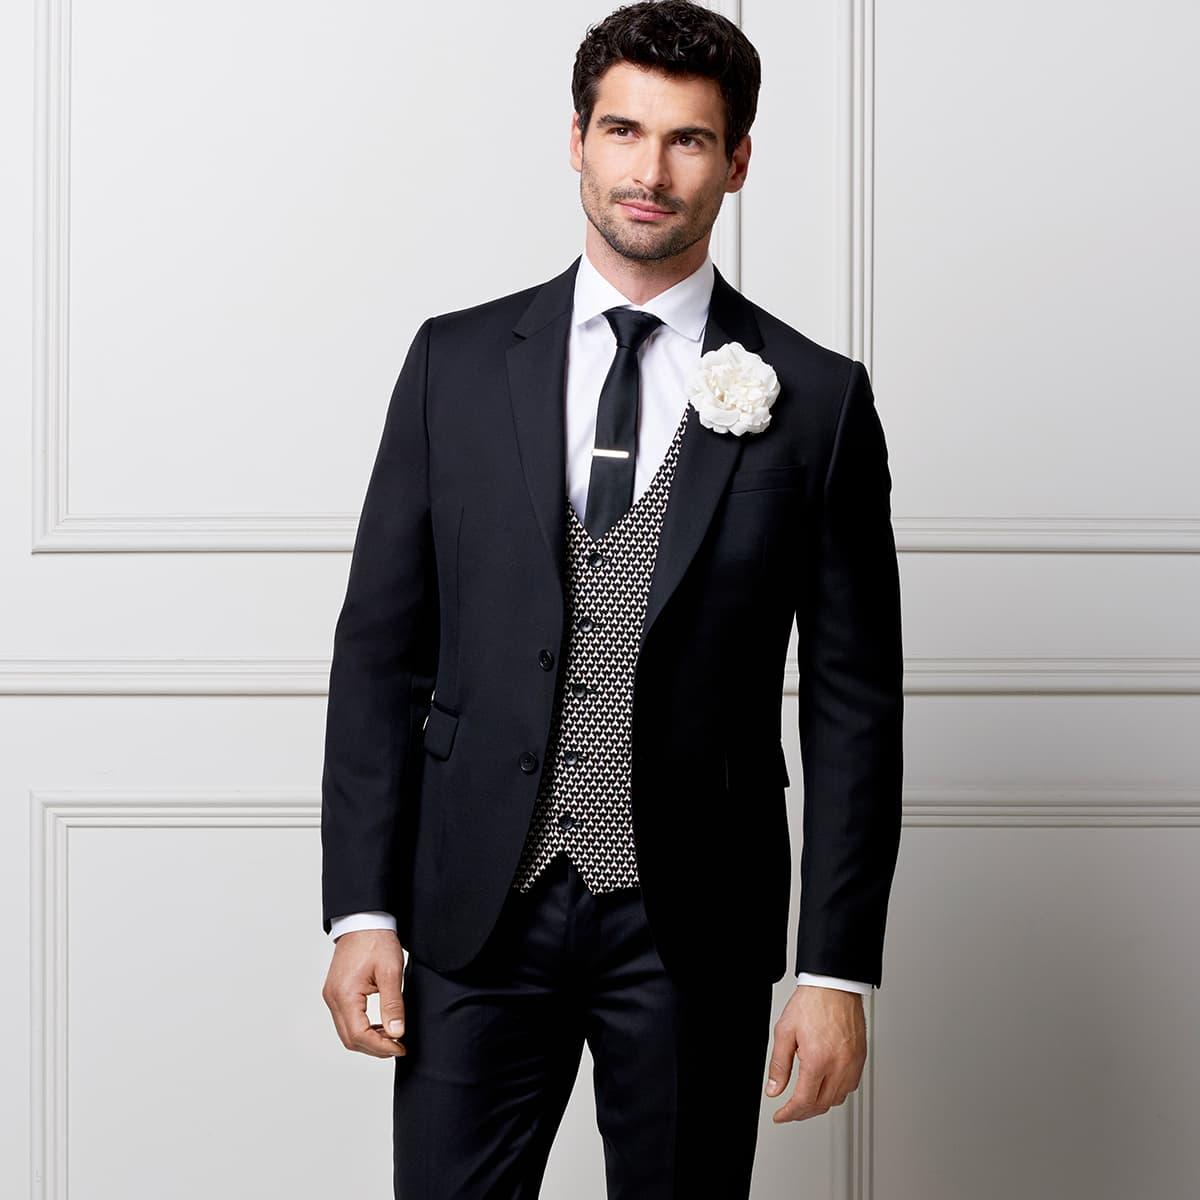 Mens Fashion Clothing Fashion Accessories David Jones